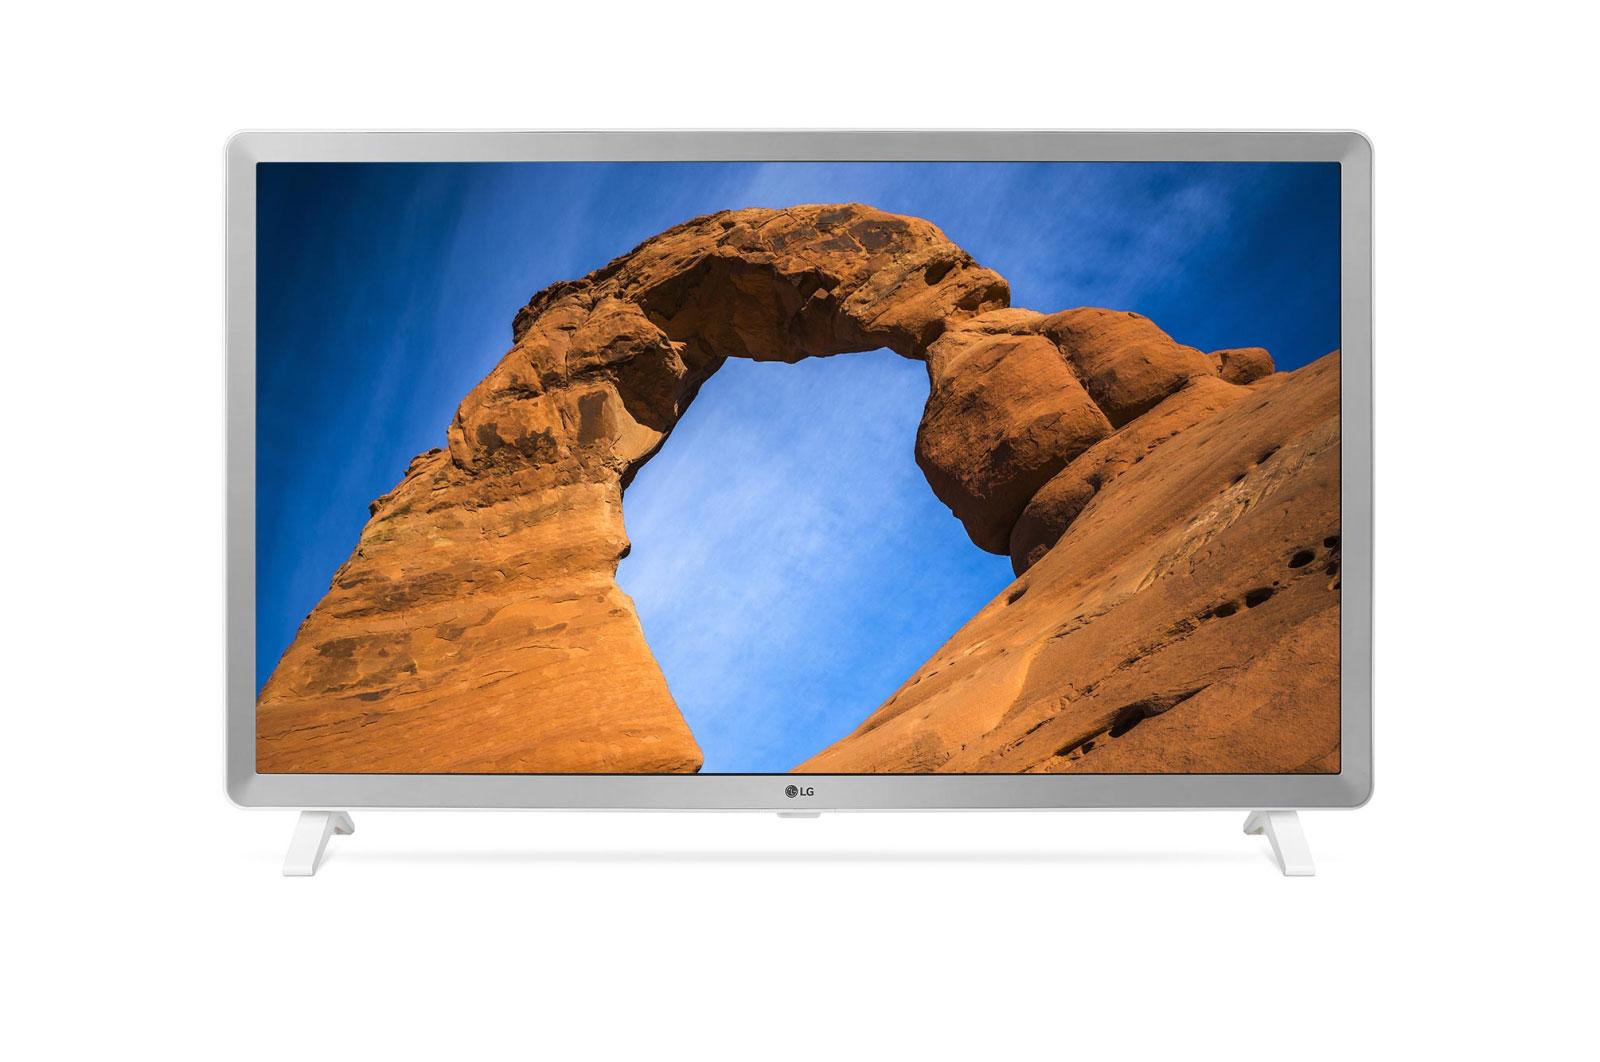 LG 32-Inch Smart TV 32LK610BPVA White